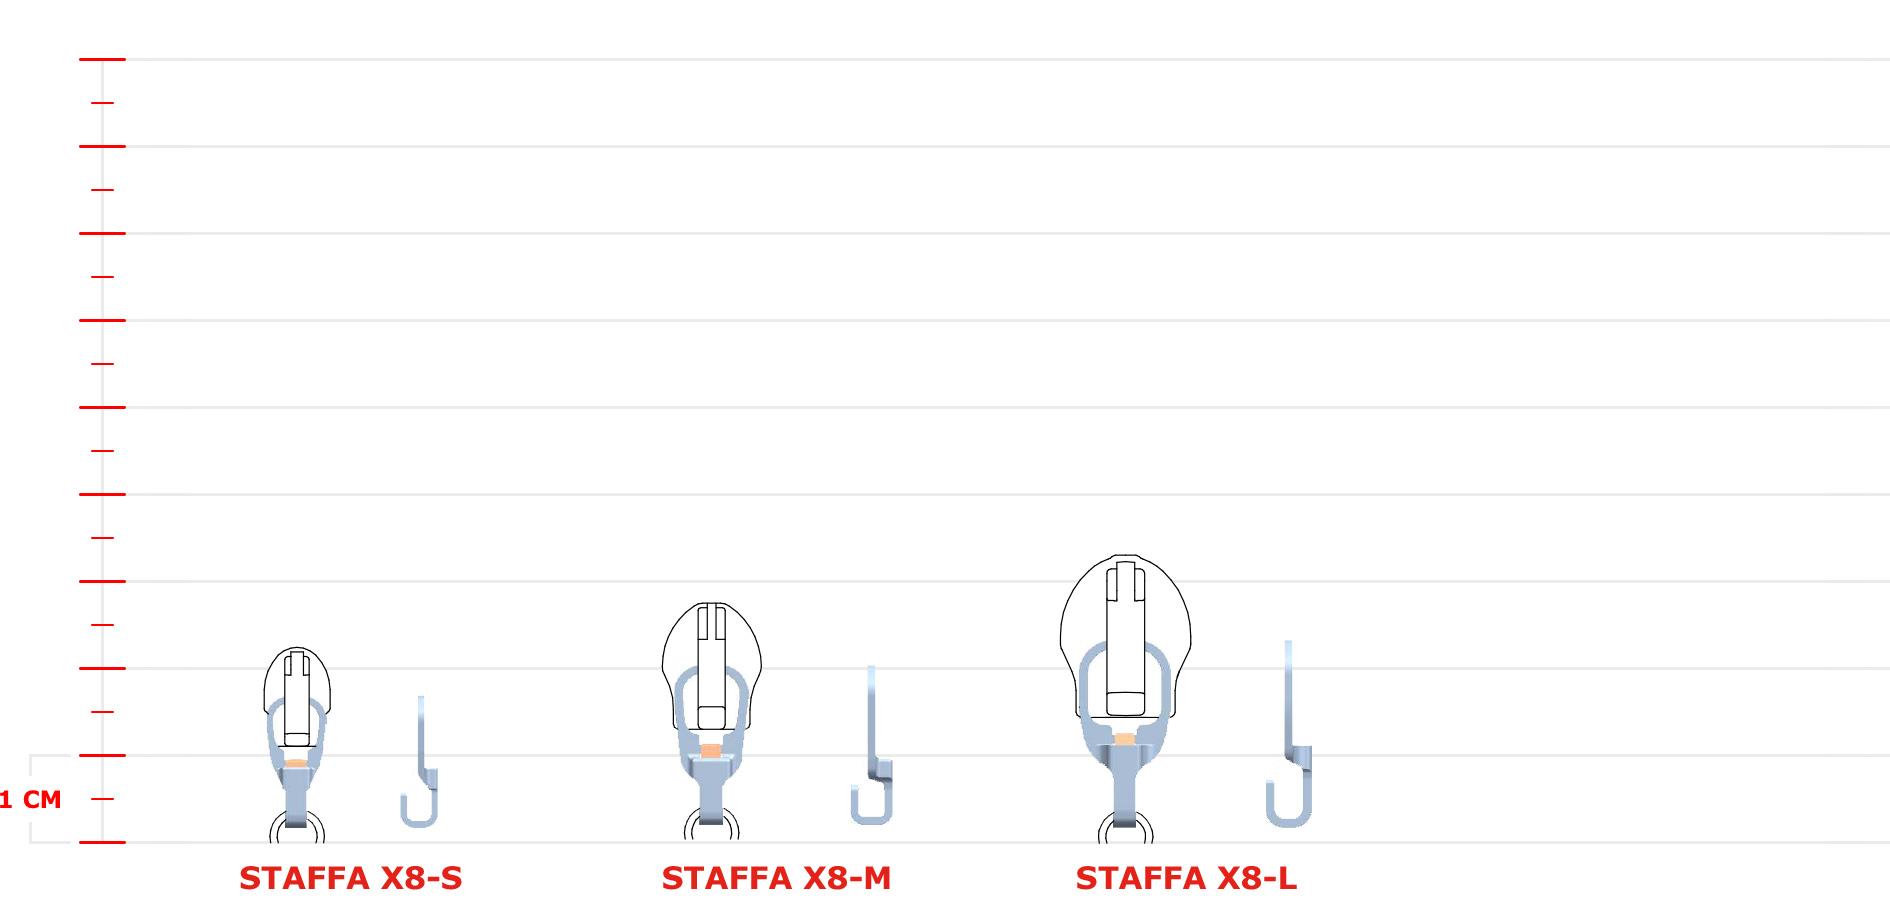 staffa-x8